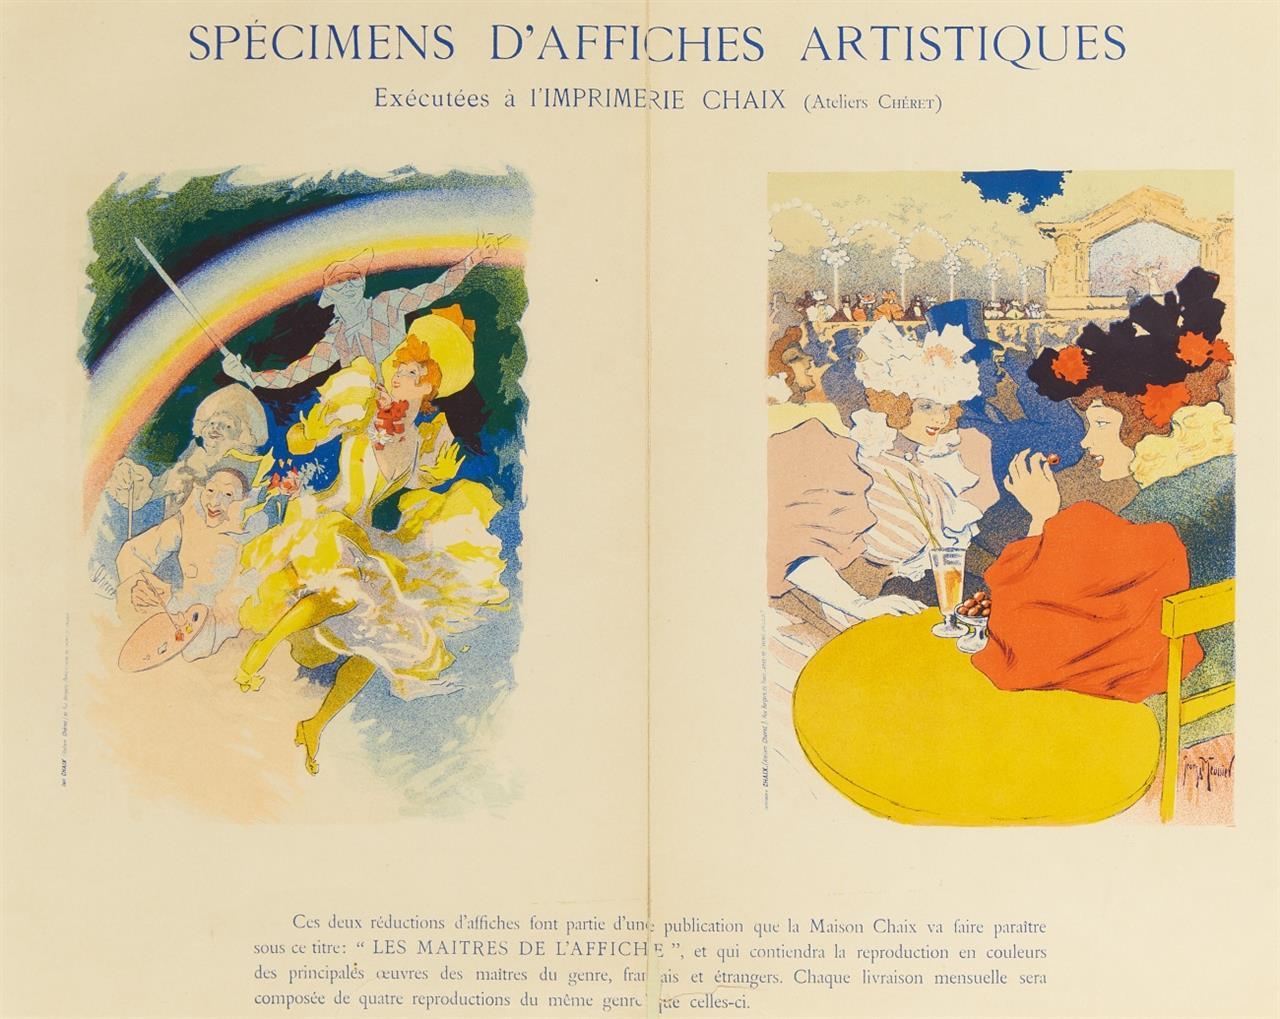 Jules Chéret. Specimens d'affiches artistiques. Plakat.